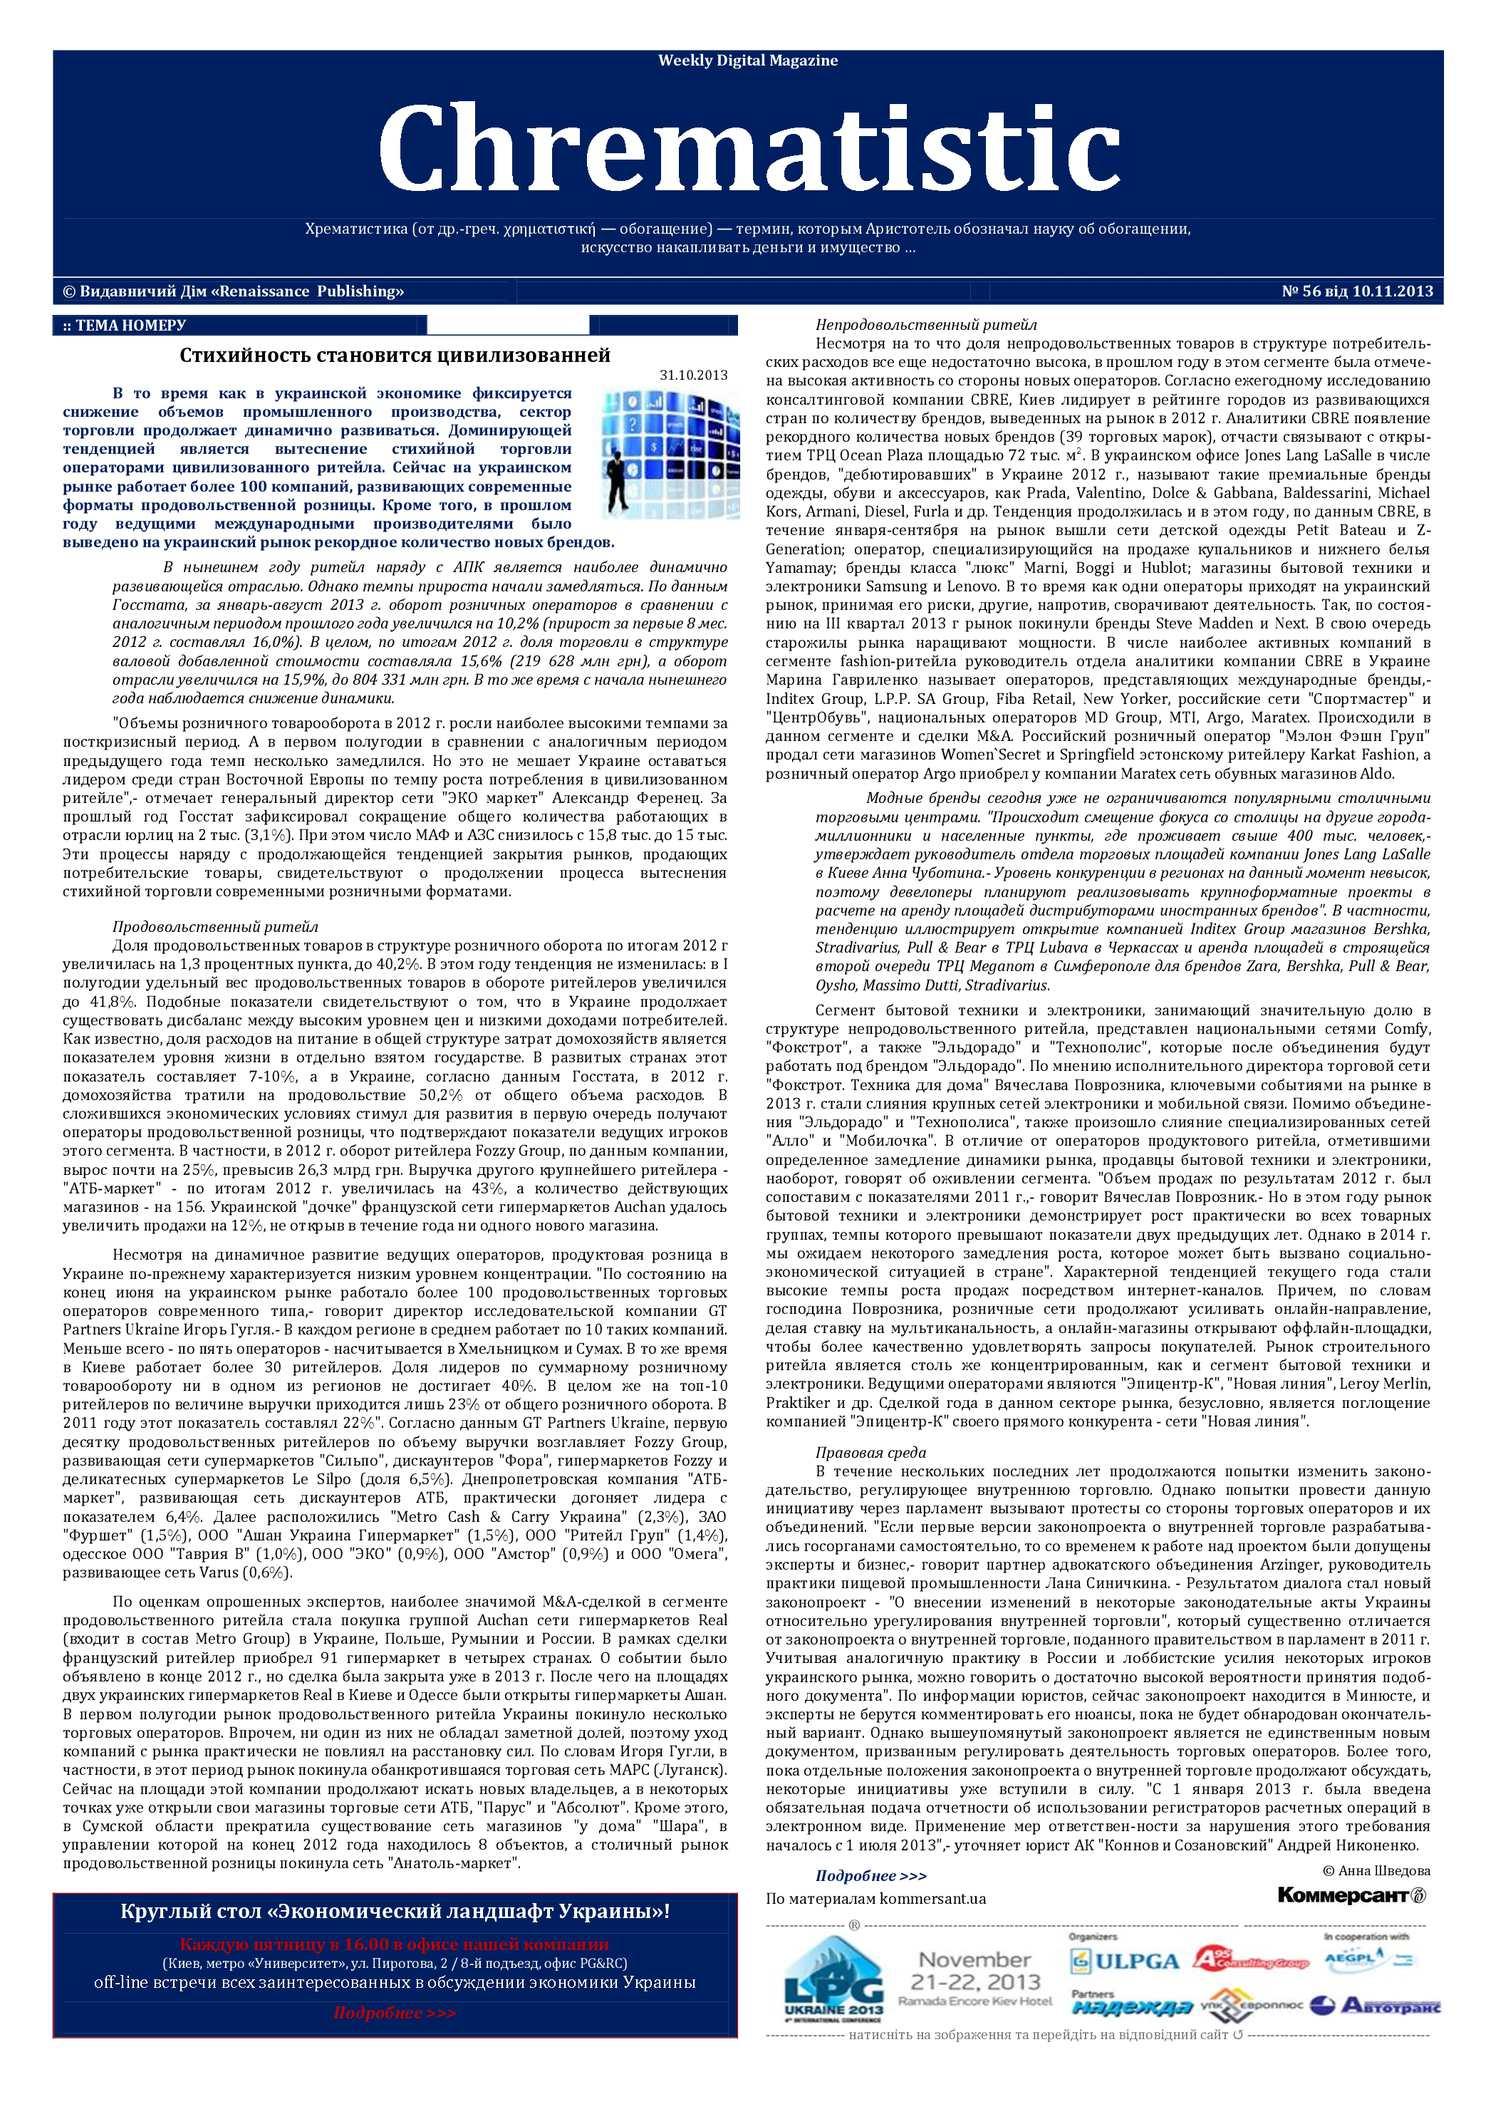 db3208b4d111e Calaméo - №56 WDM «Chrematistic» от 10.11.2013